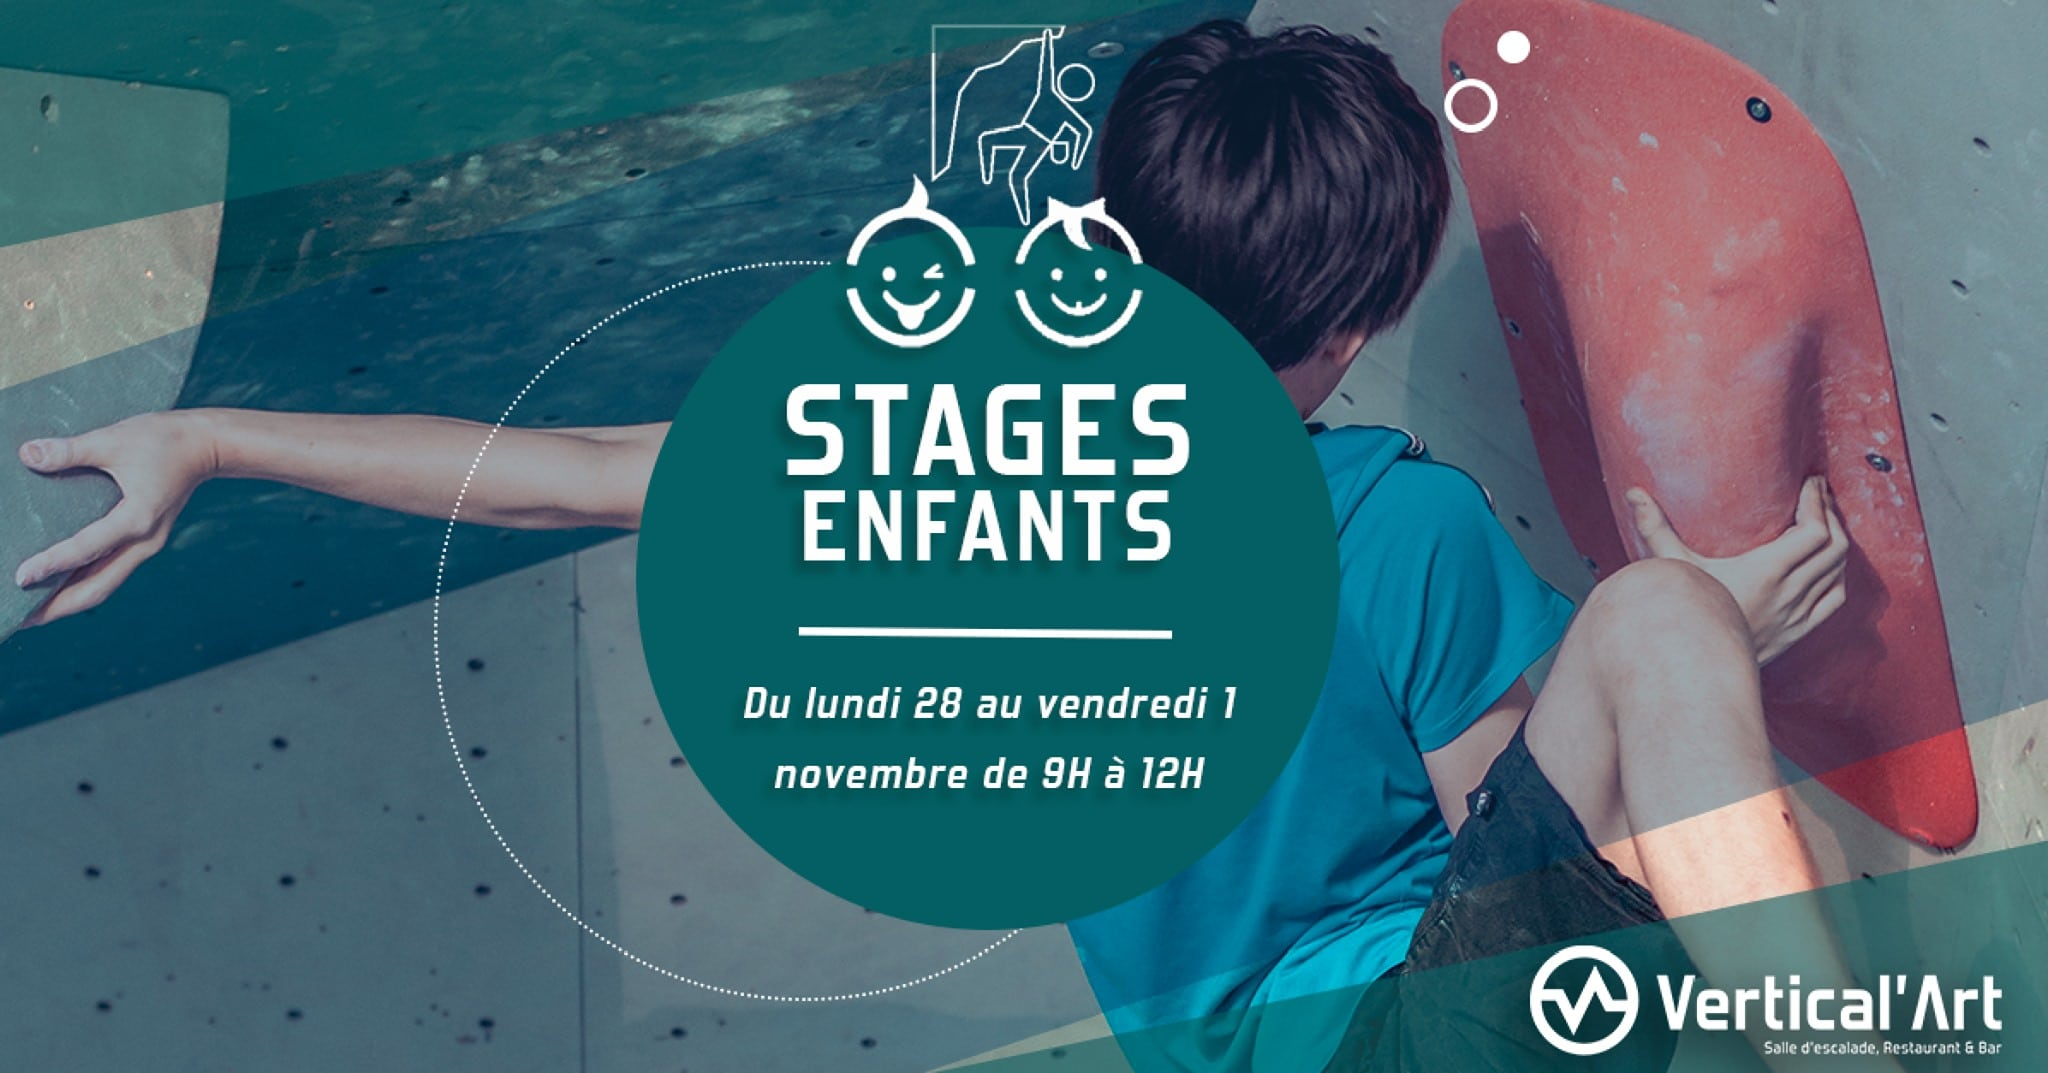 stage enfant à Vertical'Art Nantes - vacances de la Toussaint - salle d'escalade restaurant et bar - jeu - grimpe - entrainement - moniteur diplômé -